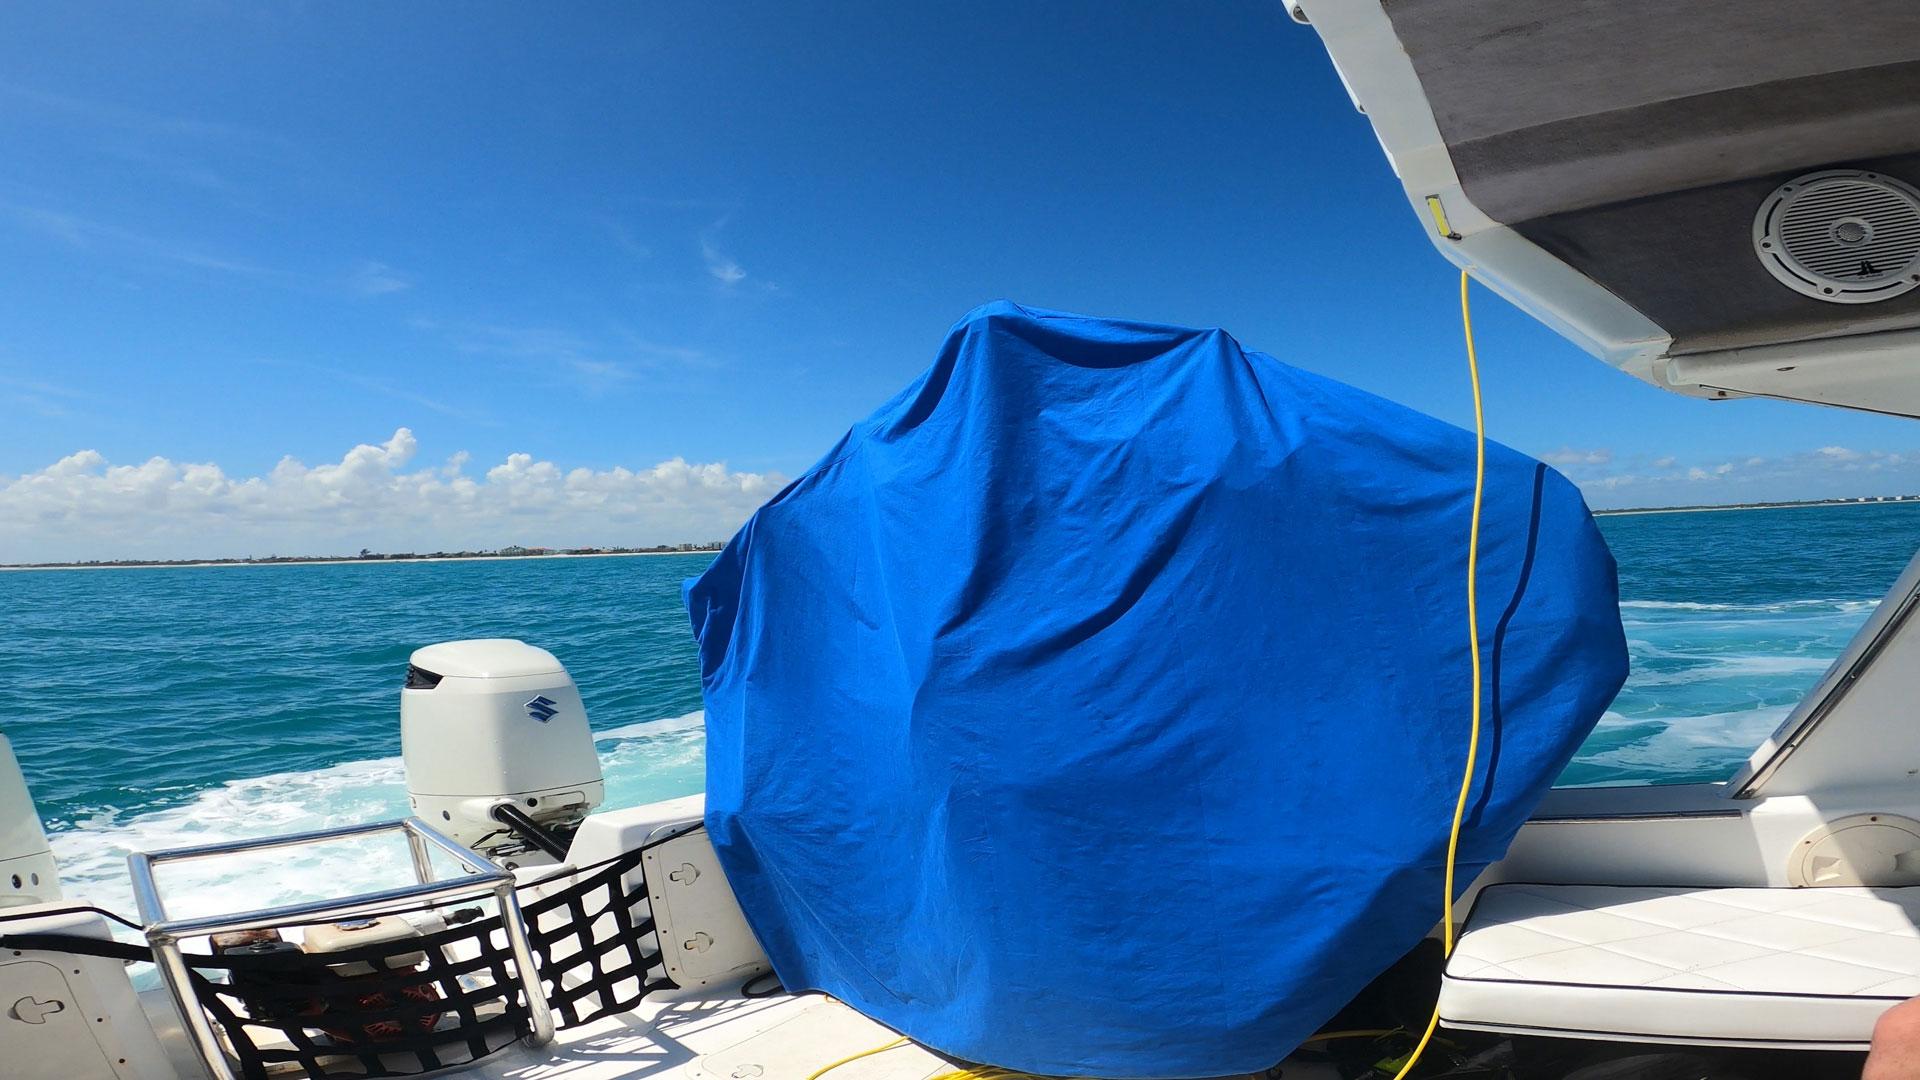 Seafarer-Exploration-SeaSearcher-Hydro-Probe-5